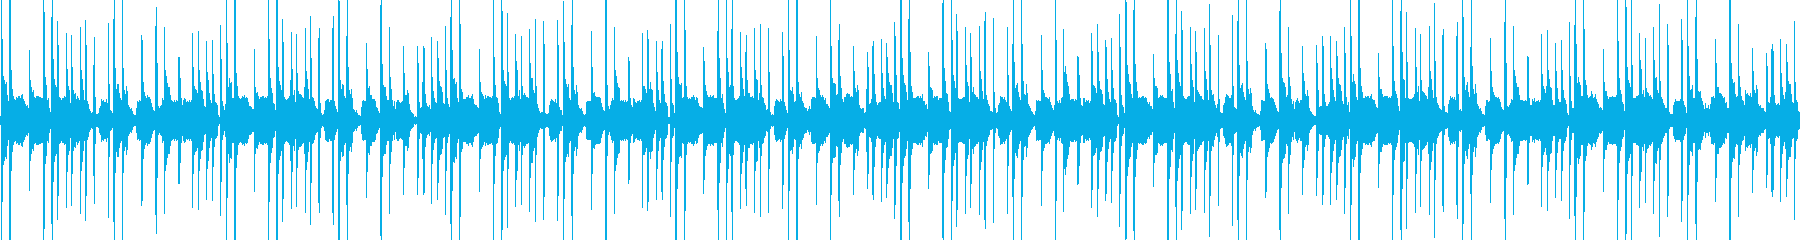 ムーディでリズミカルな曲の再生済みの波形